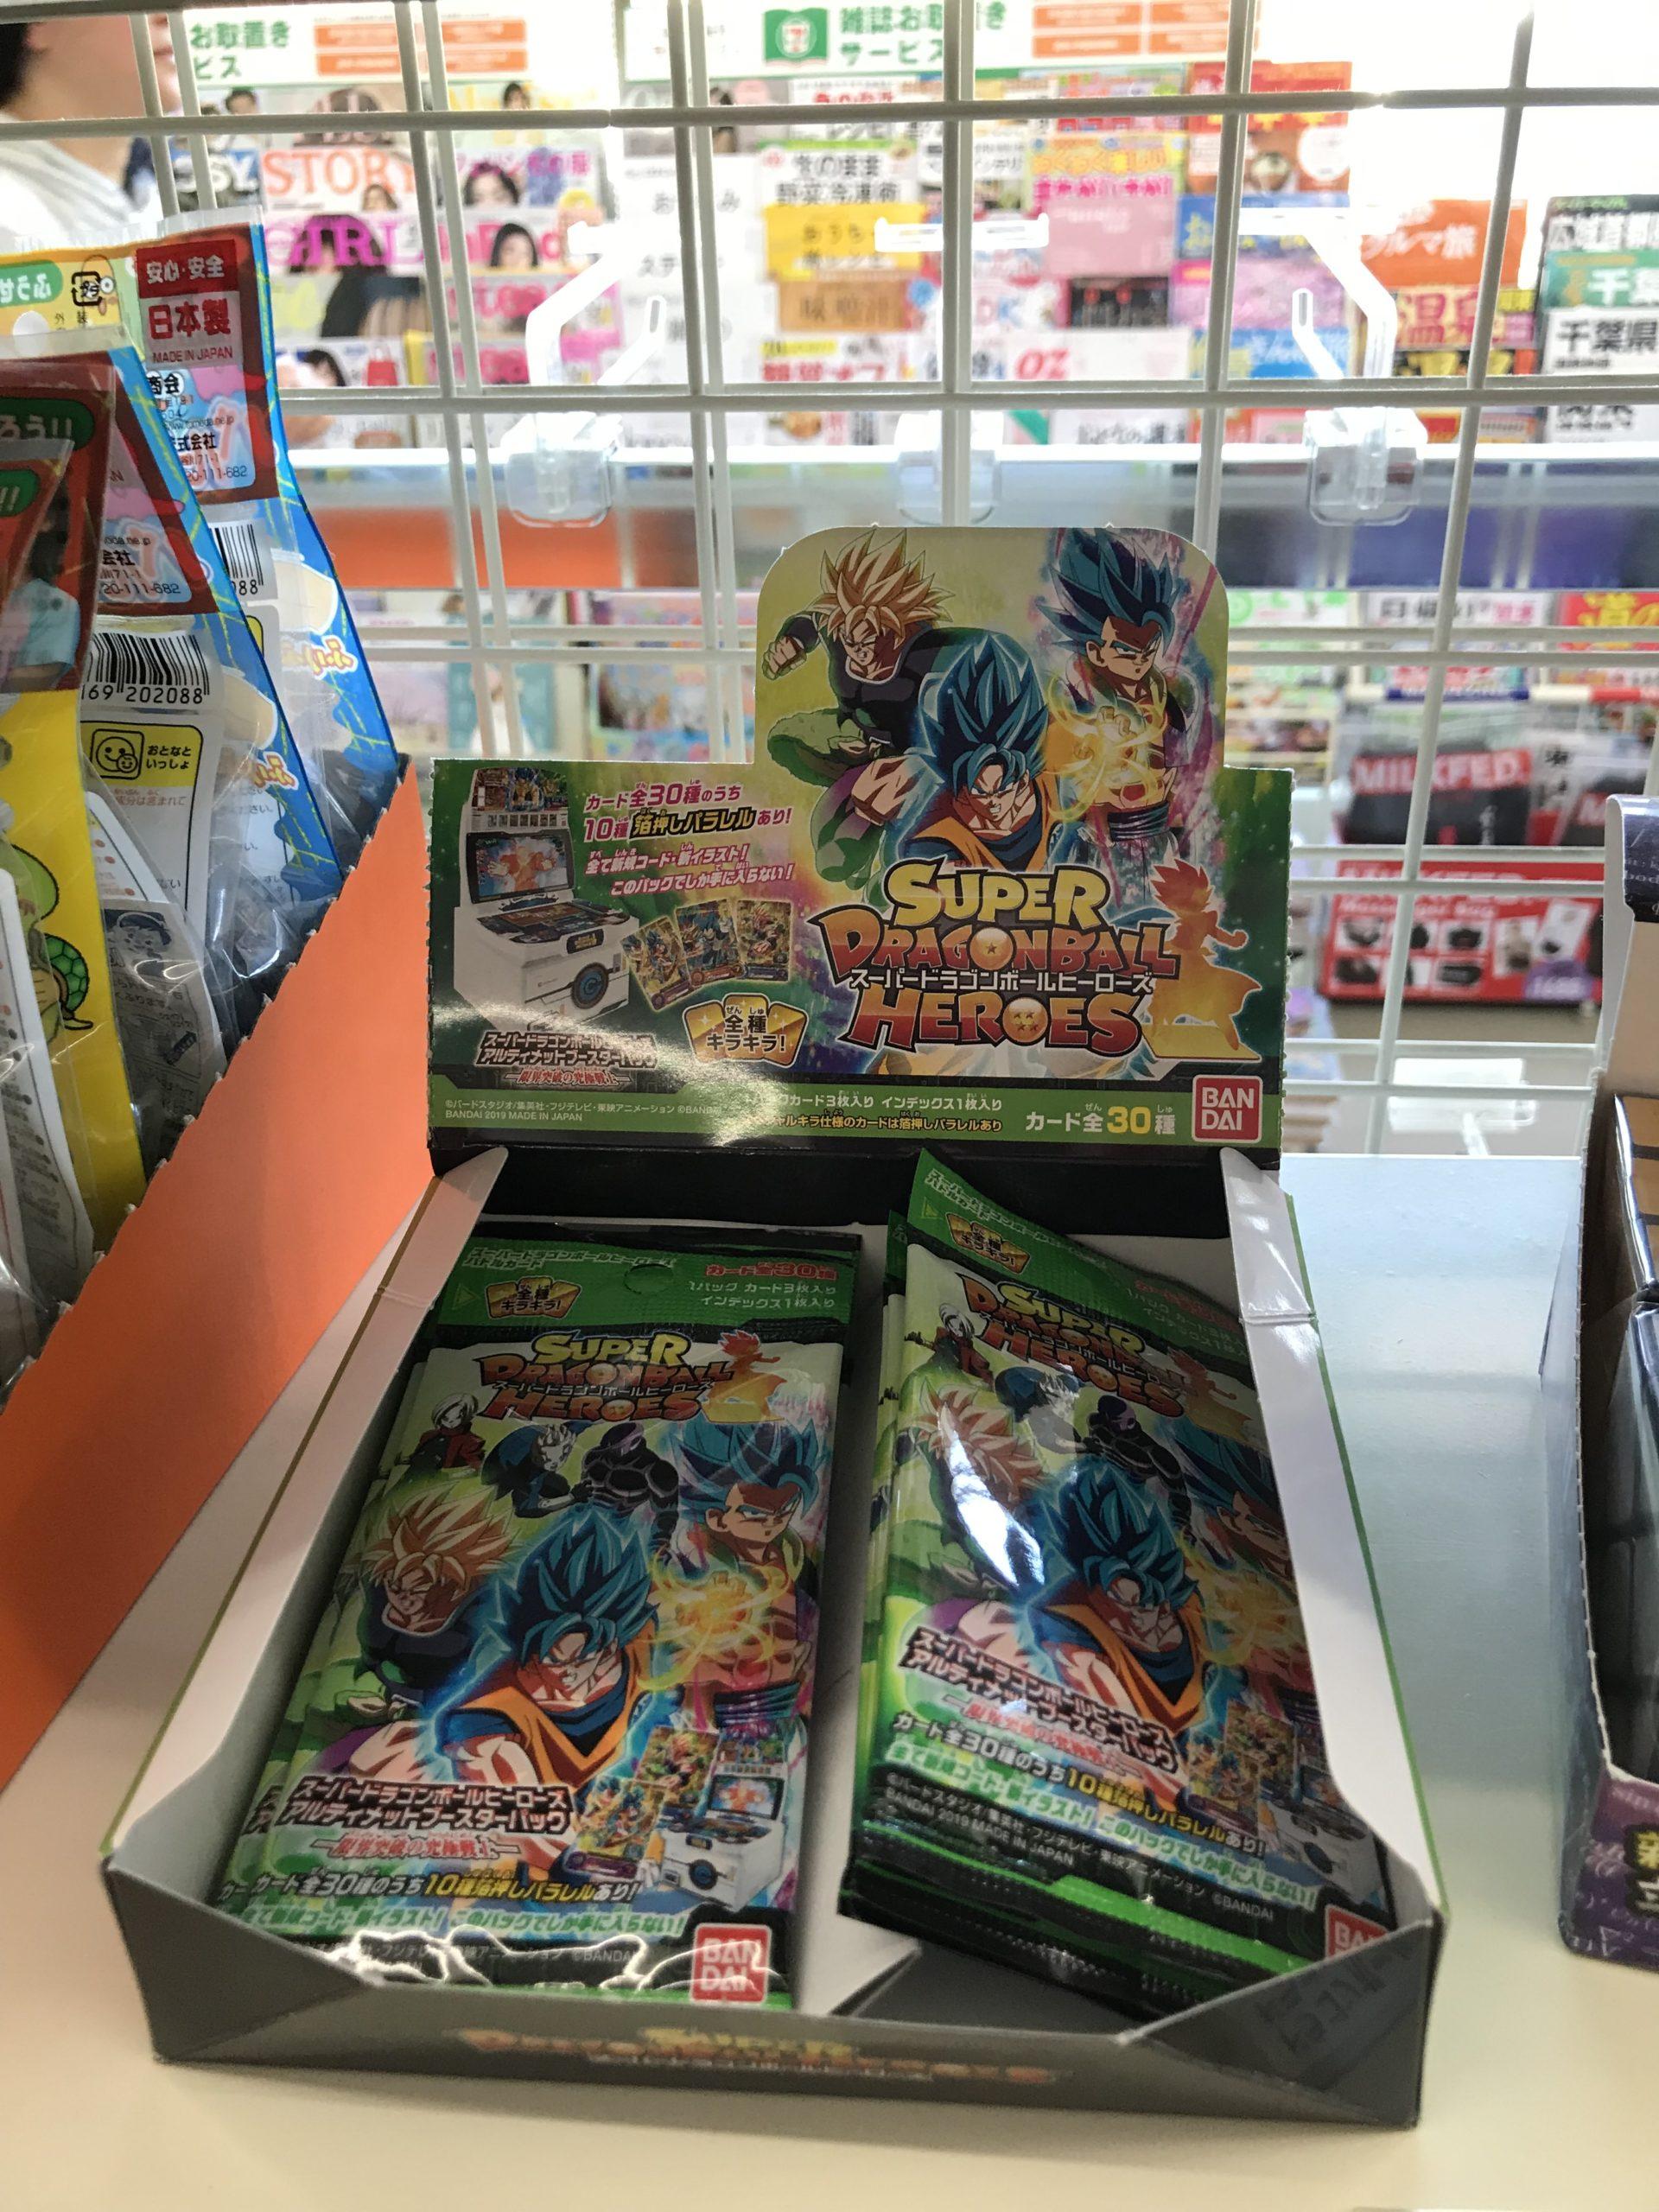 Super Dragon Ball Heroes: Élménybeszámoló egy rajongótól, aki Japánban élt 34